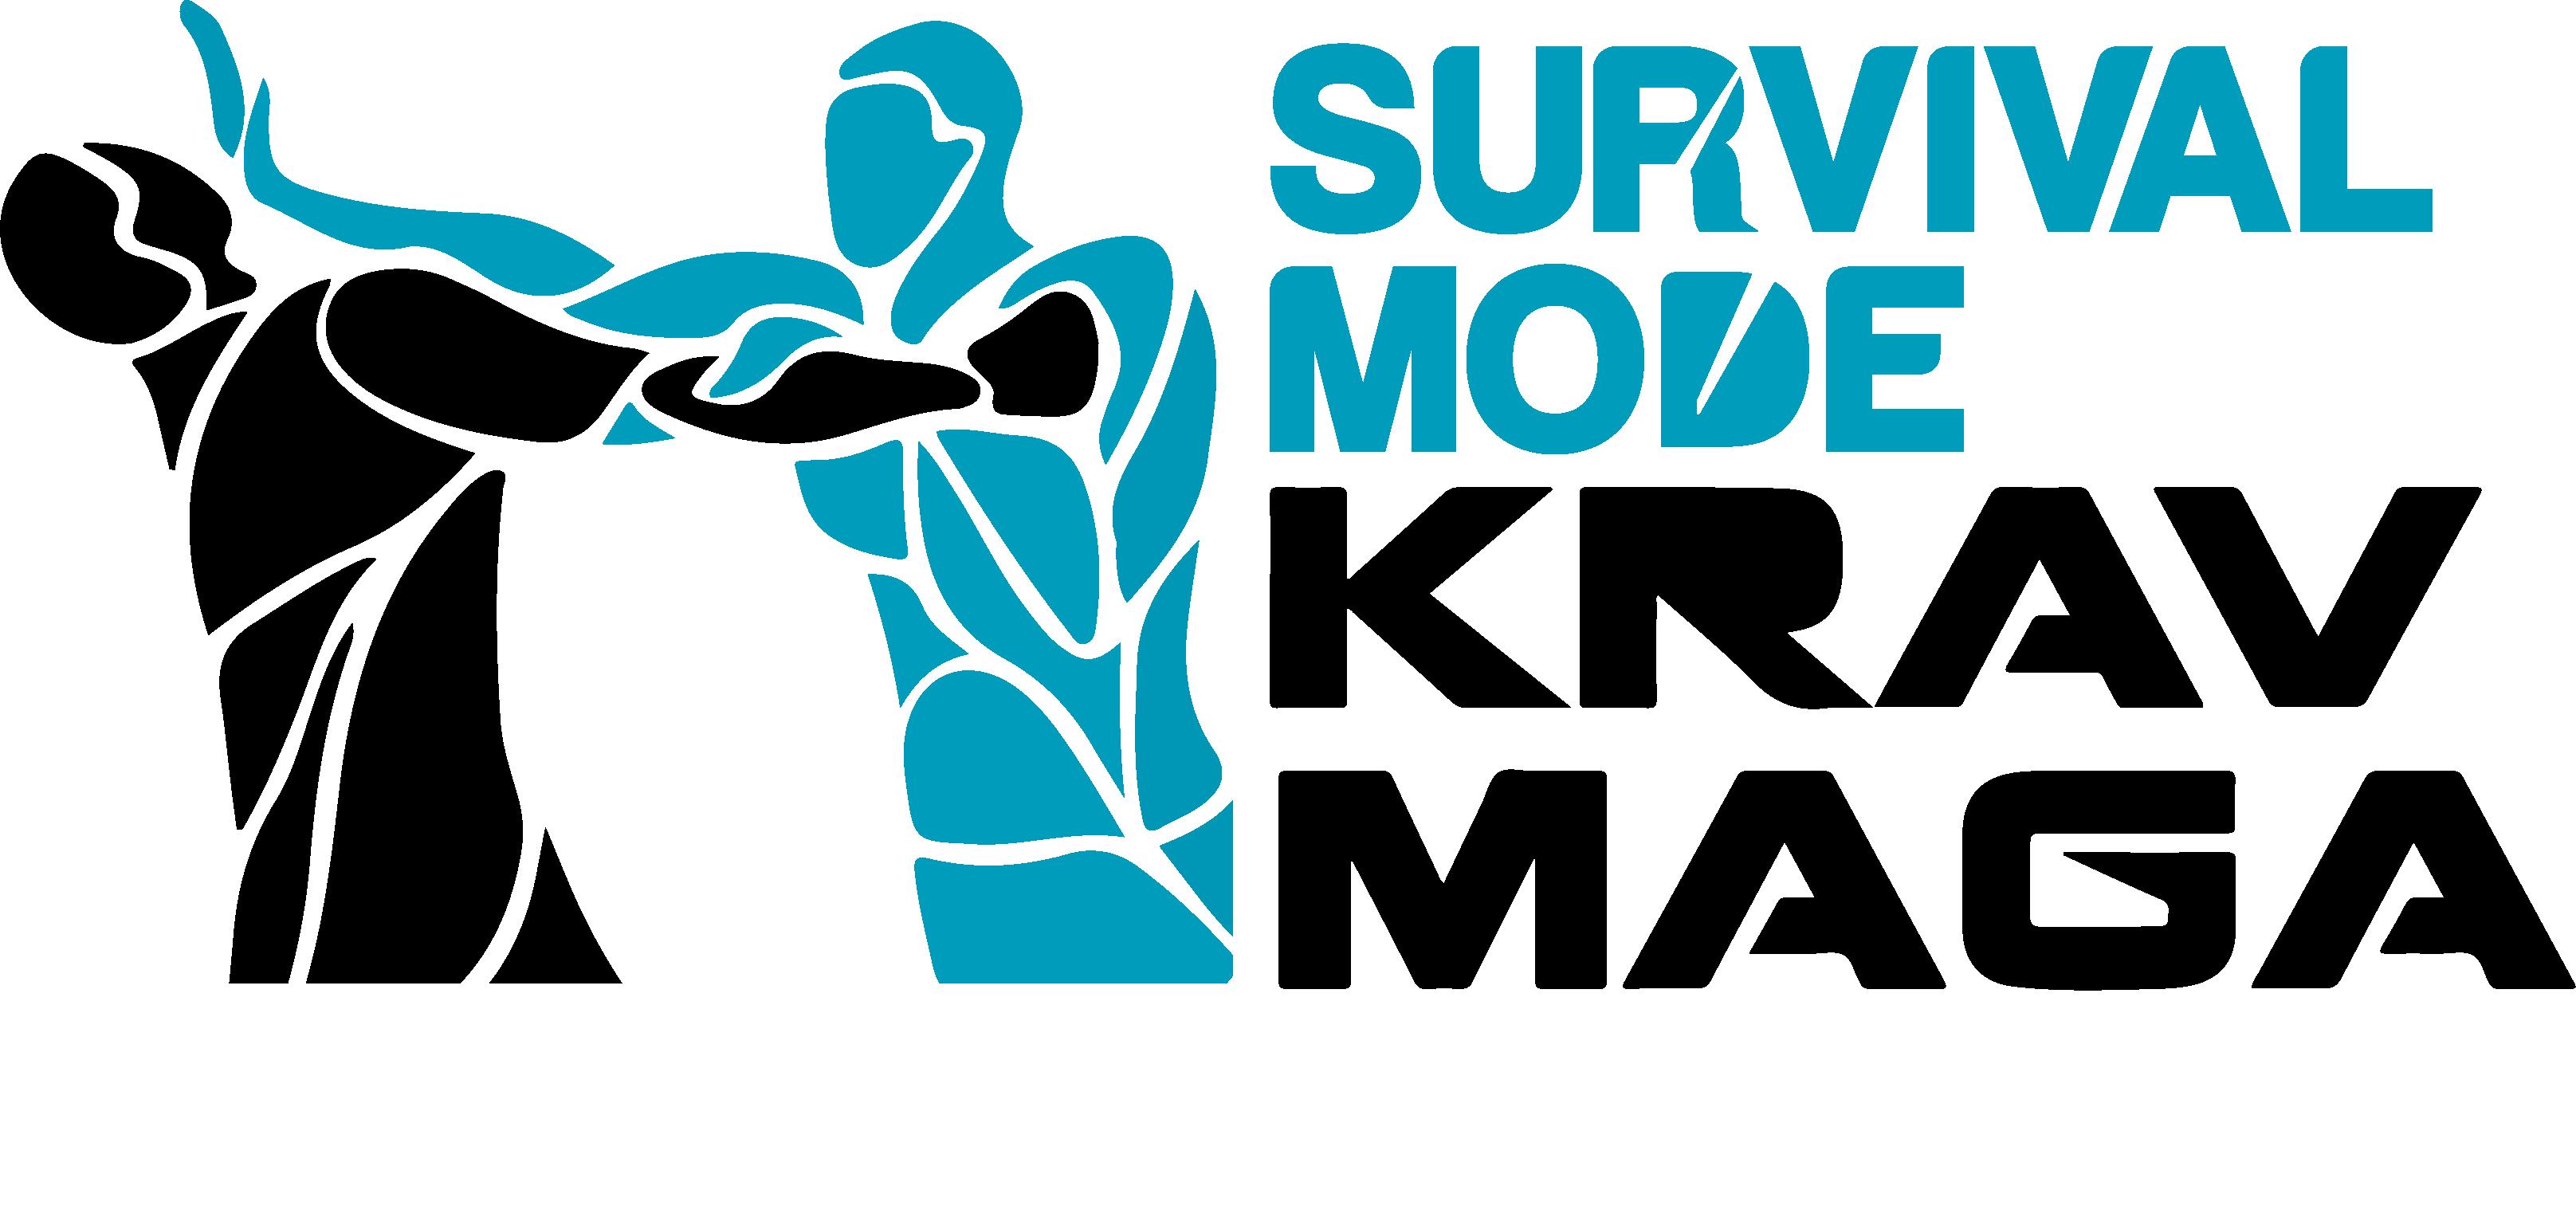 Σχολή Αυτοάμυνας Survival Mode Krav Maga - ΠΕΤΡΟΣ ΣΤΥΛΙΑΝΕΛΗΣ - G5 - Εξουσιοδοτημένος Εκπαιδευτής της IKMF